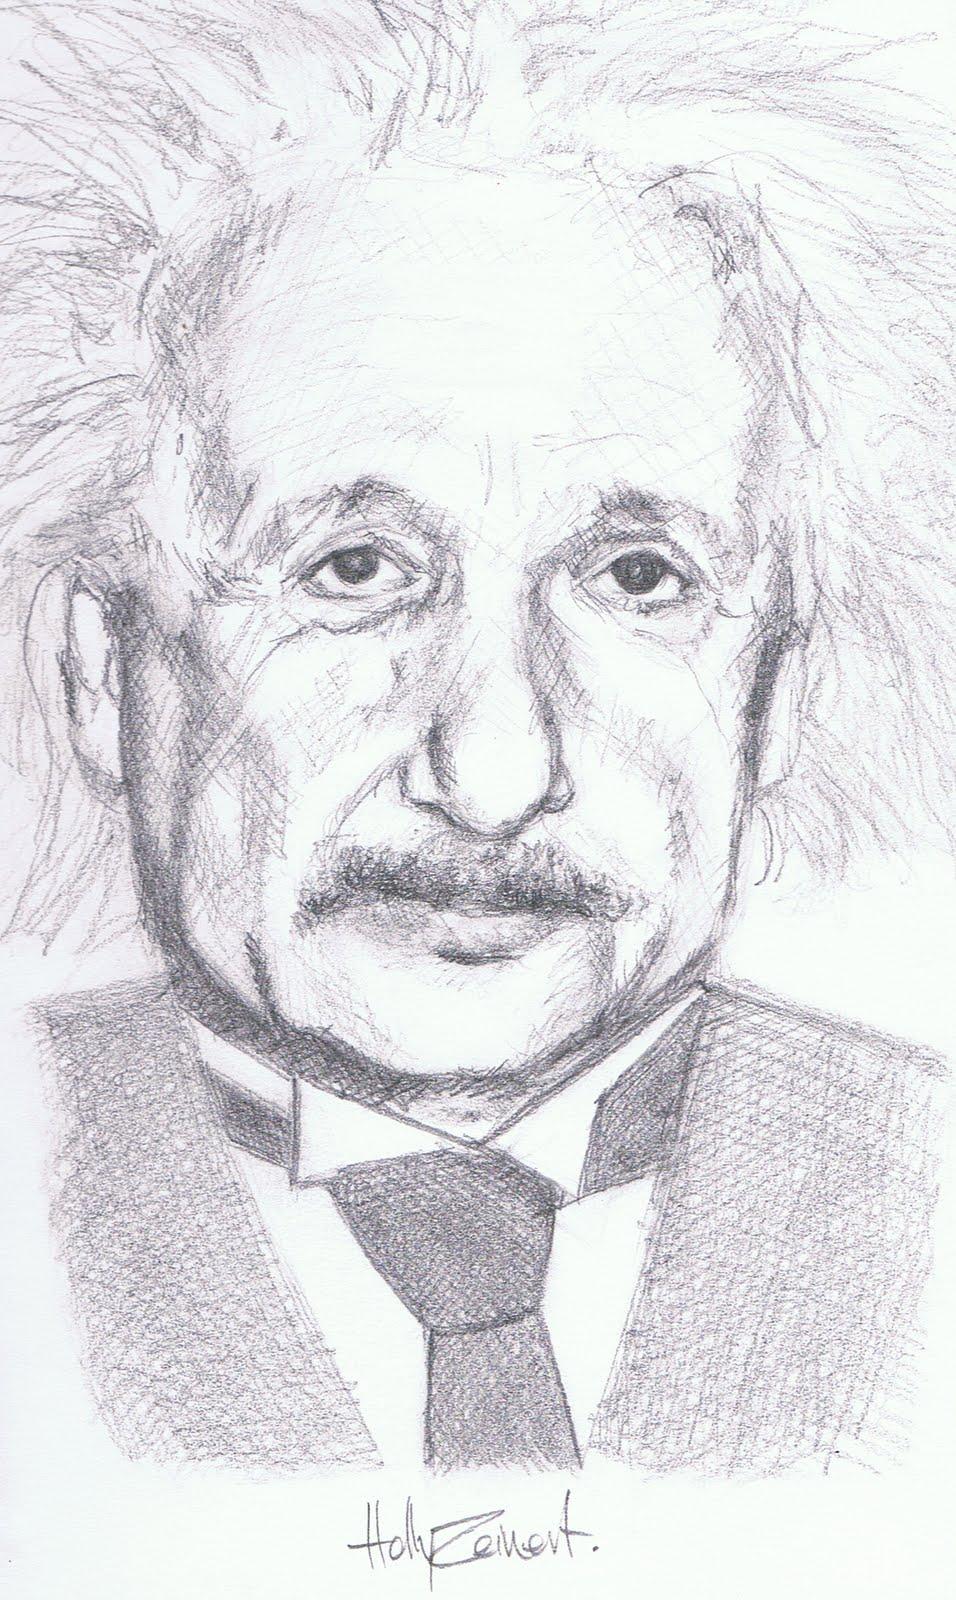 How To Draw Albert Einstein Step 2 | Apps Directories